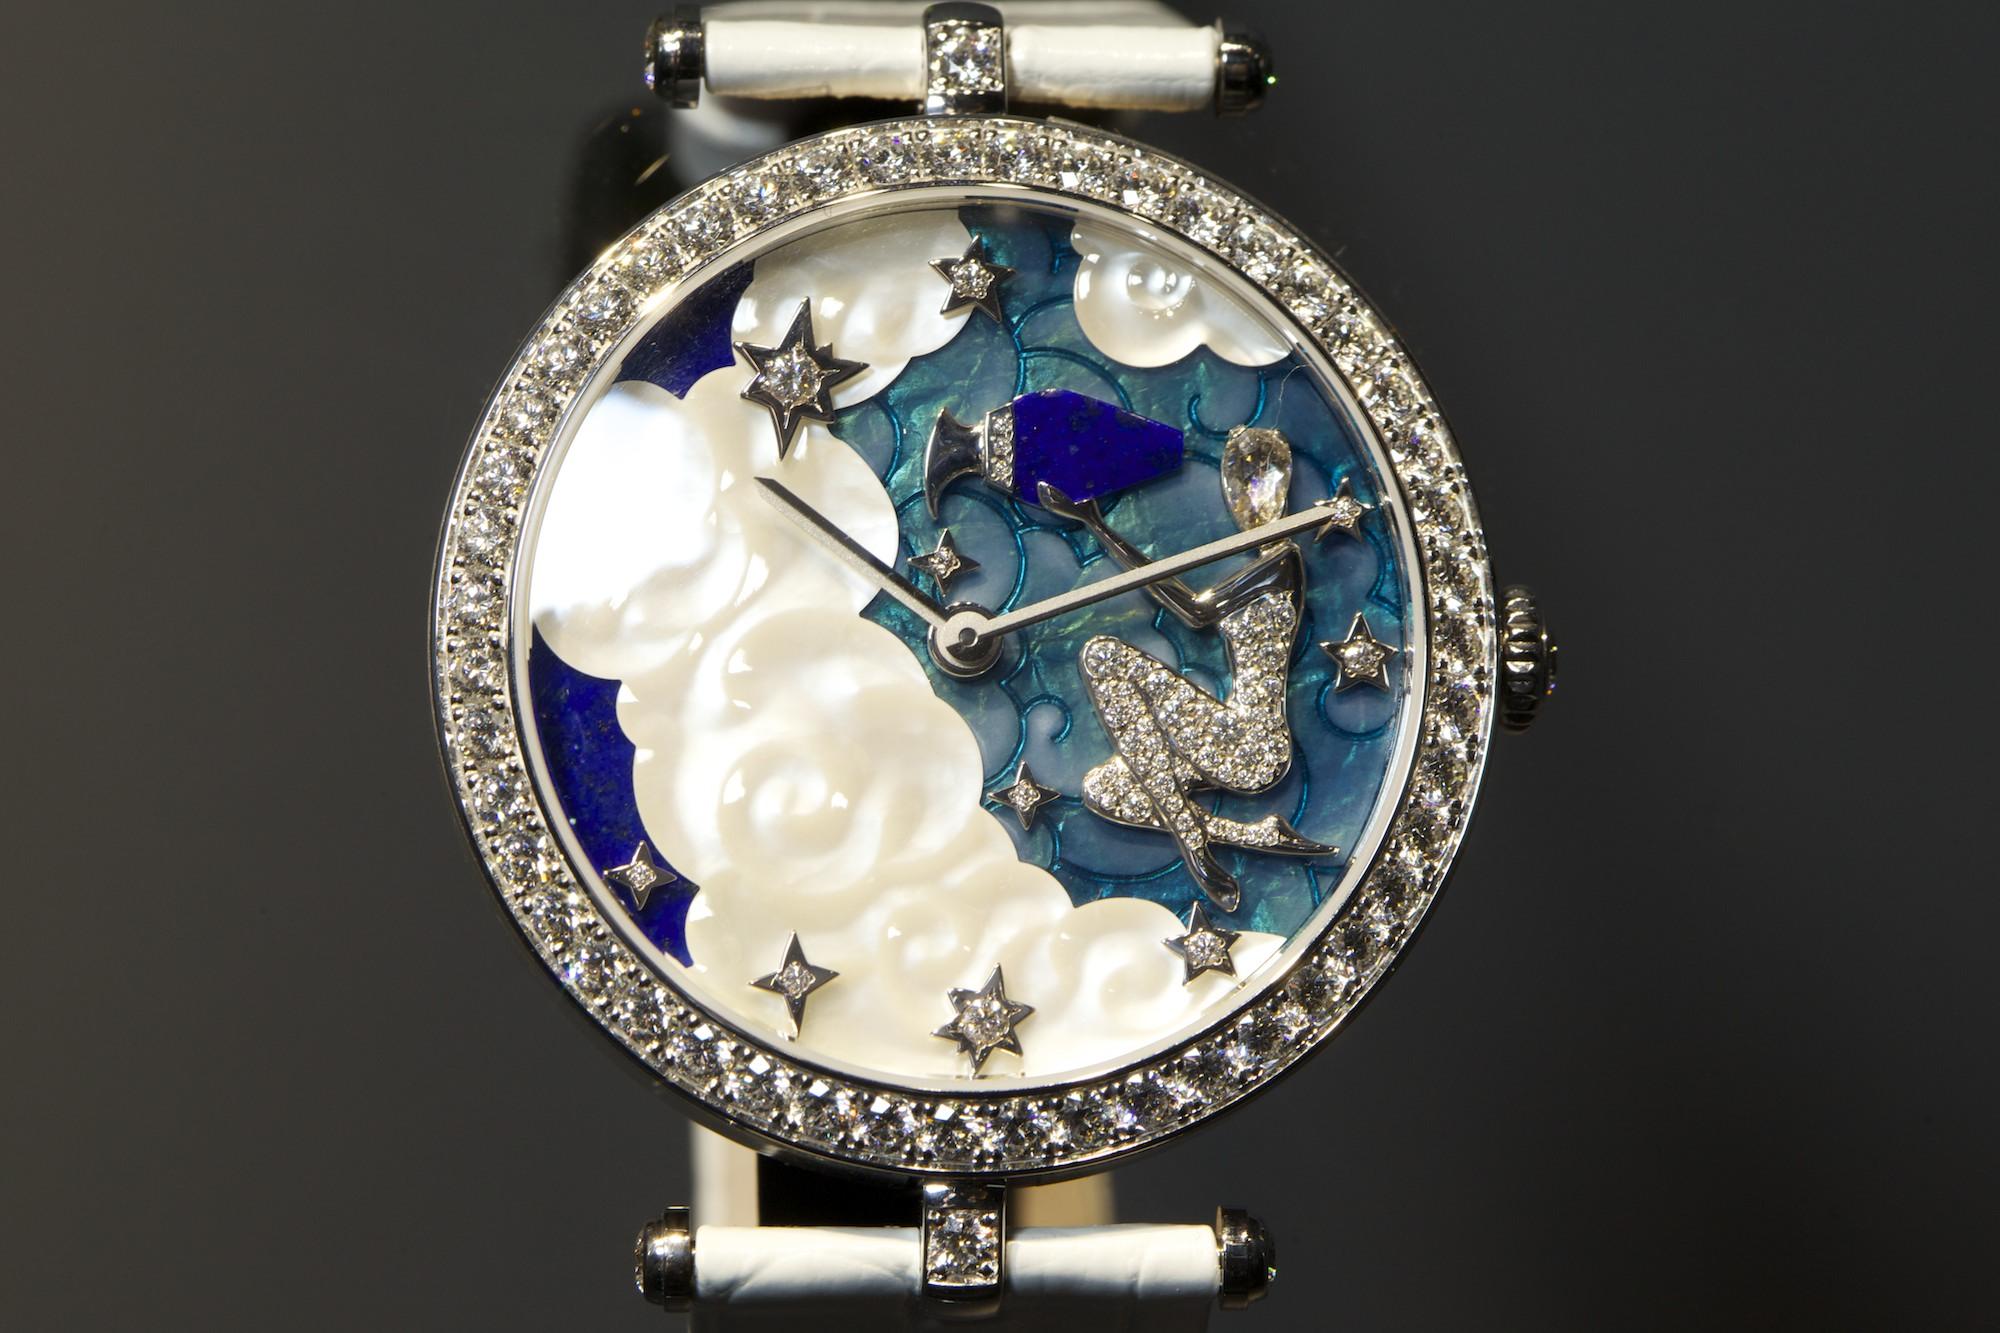 Van Cleef & Arpels Extraordinary Dials Lady Arpels Zodiac Aquarius